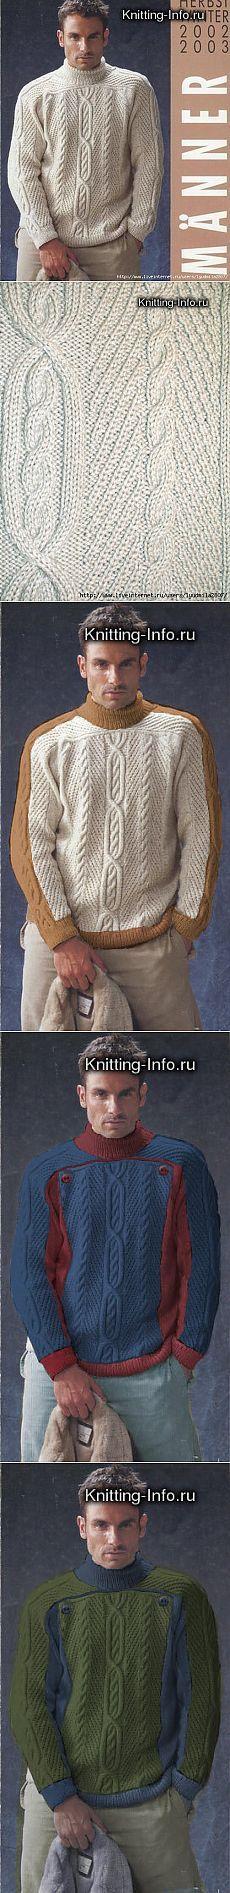 Свитер с аранами из forum.knitting-info.ru (разбор полётов): Дневник группы «ВЯЖЕМ ПО ОПИСАНИЮ»: Группы - женская социальная сеть myJulia.ru